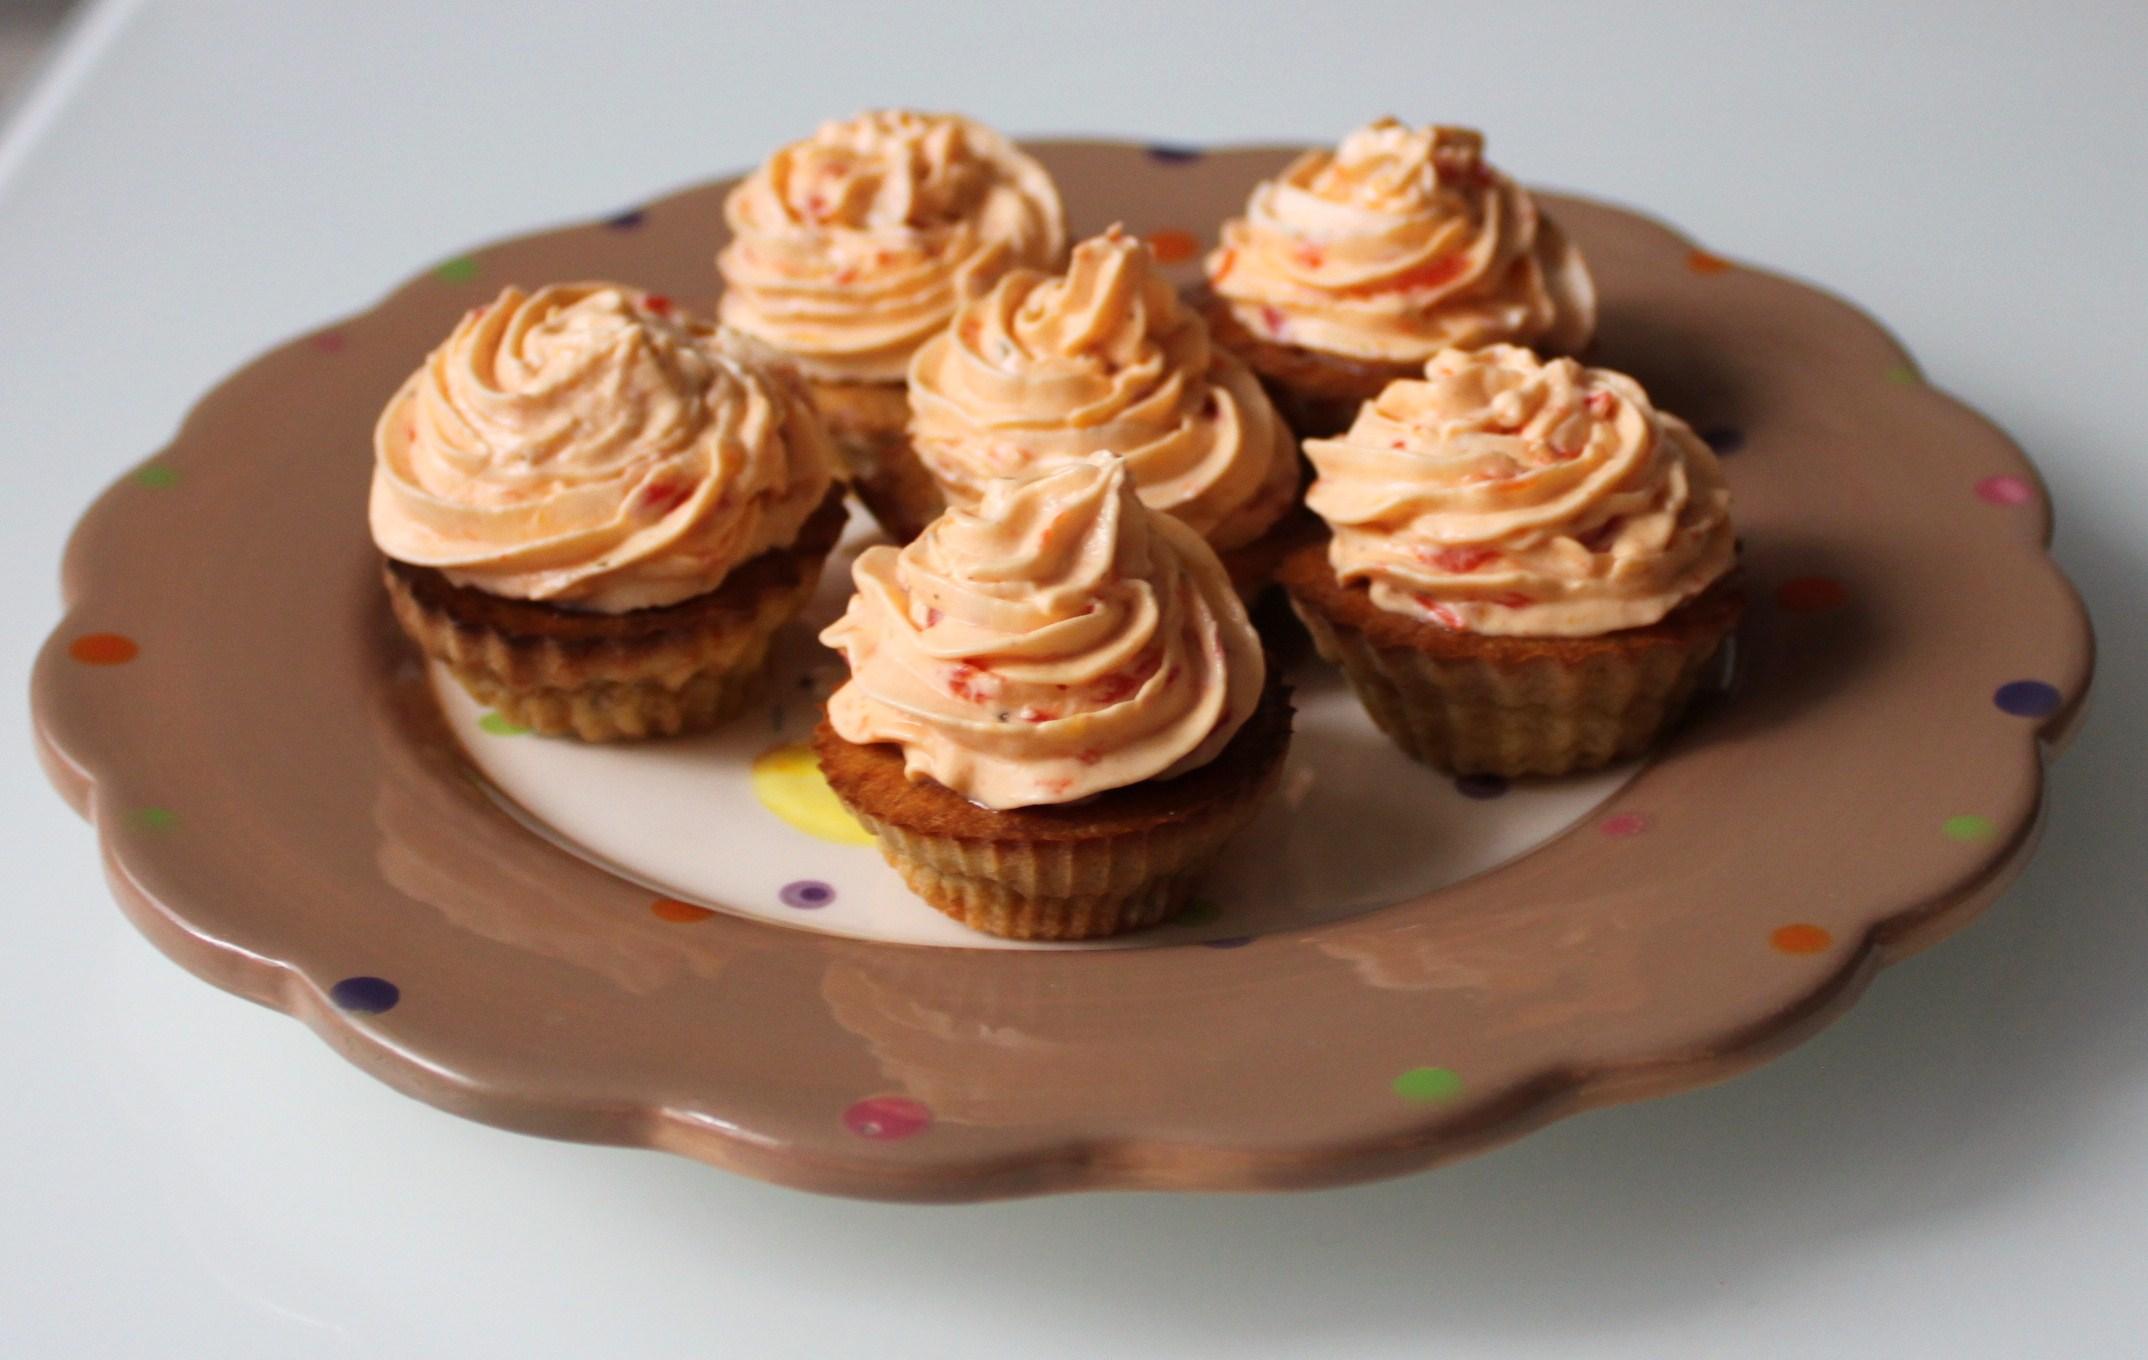 le cake au thon revisit fa on cupcakes la fabricamania. Black Bedroom Furniture Sets. Home Design Ideas